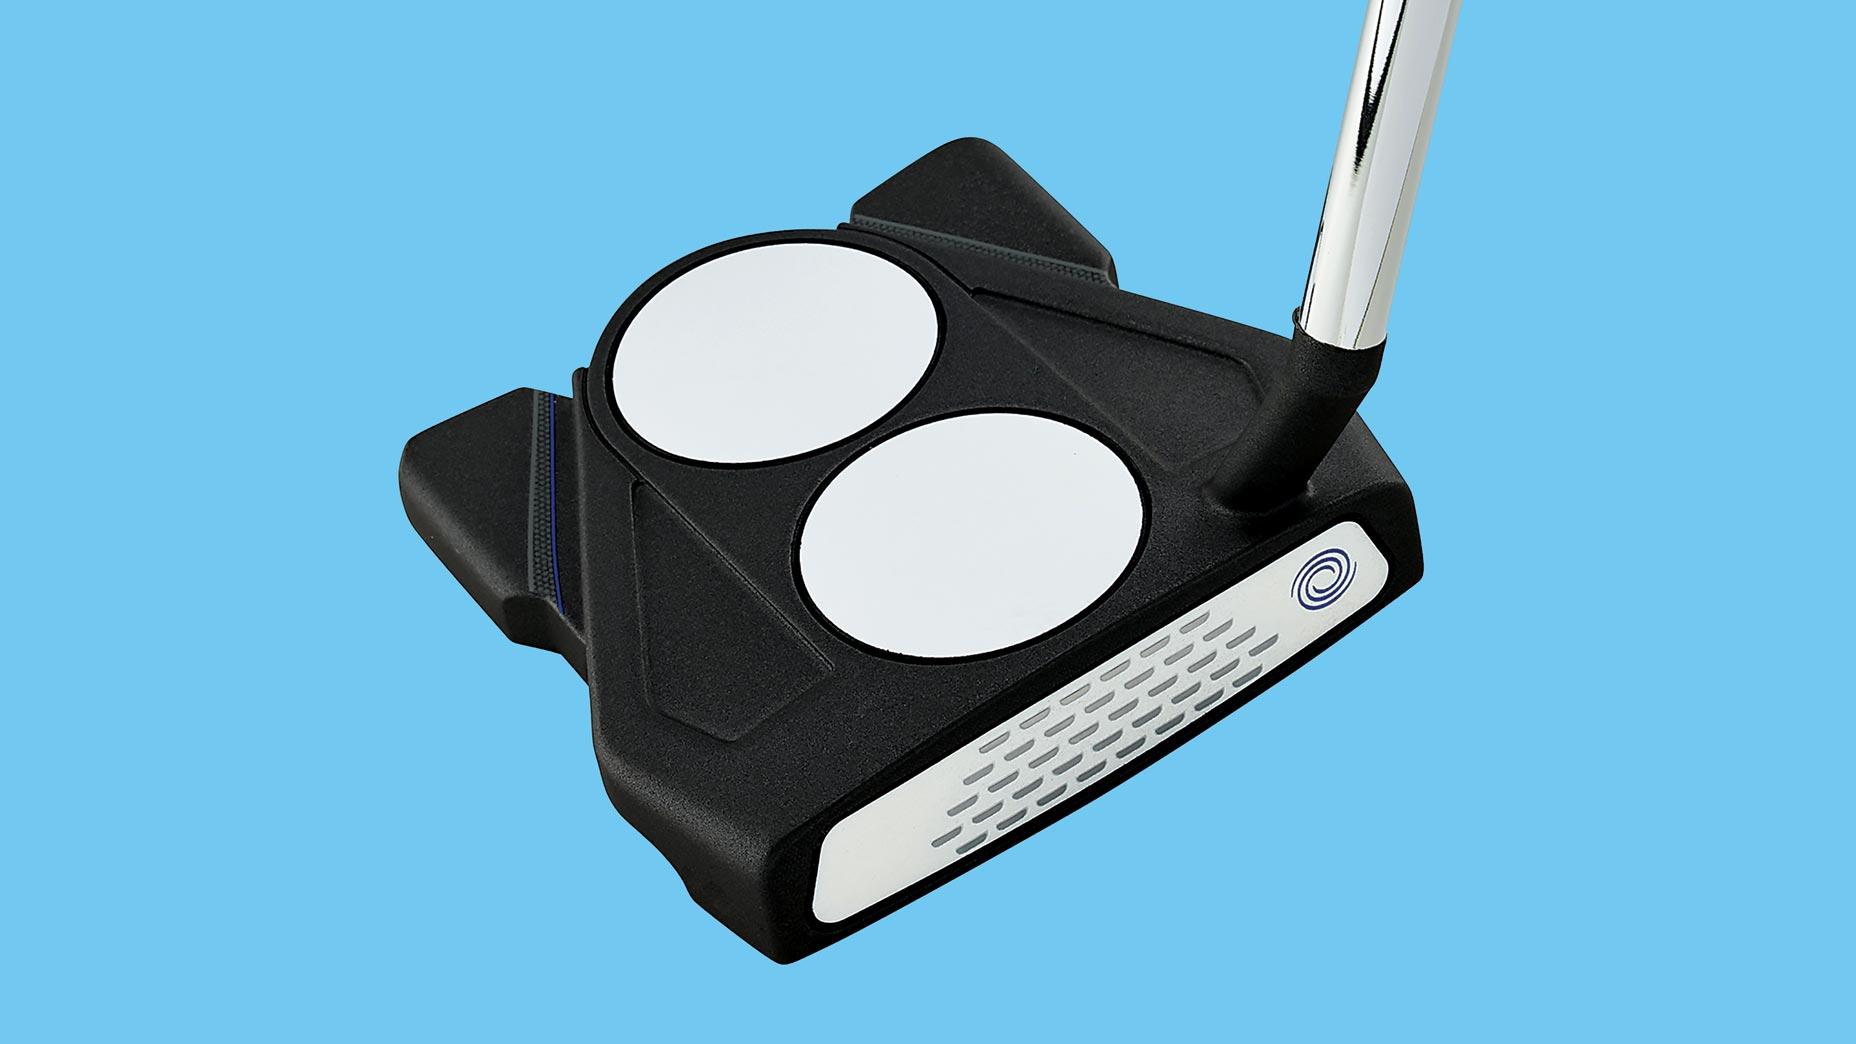 Odyssey 2-Ball Ten putter